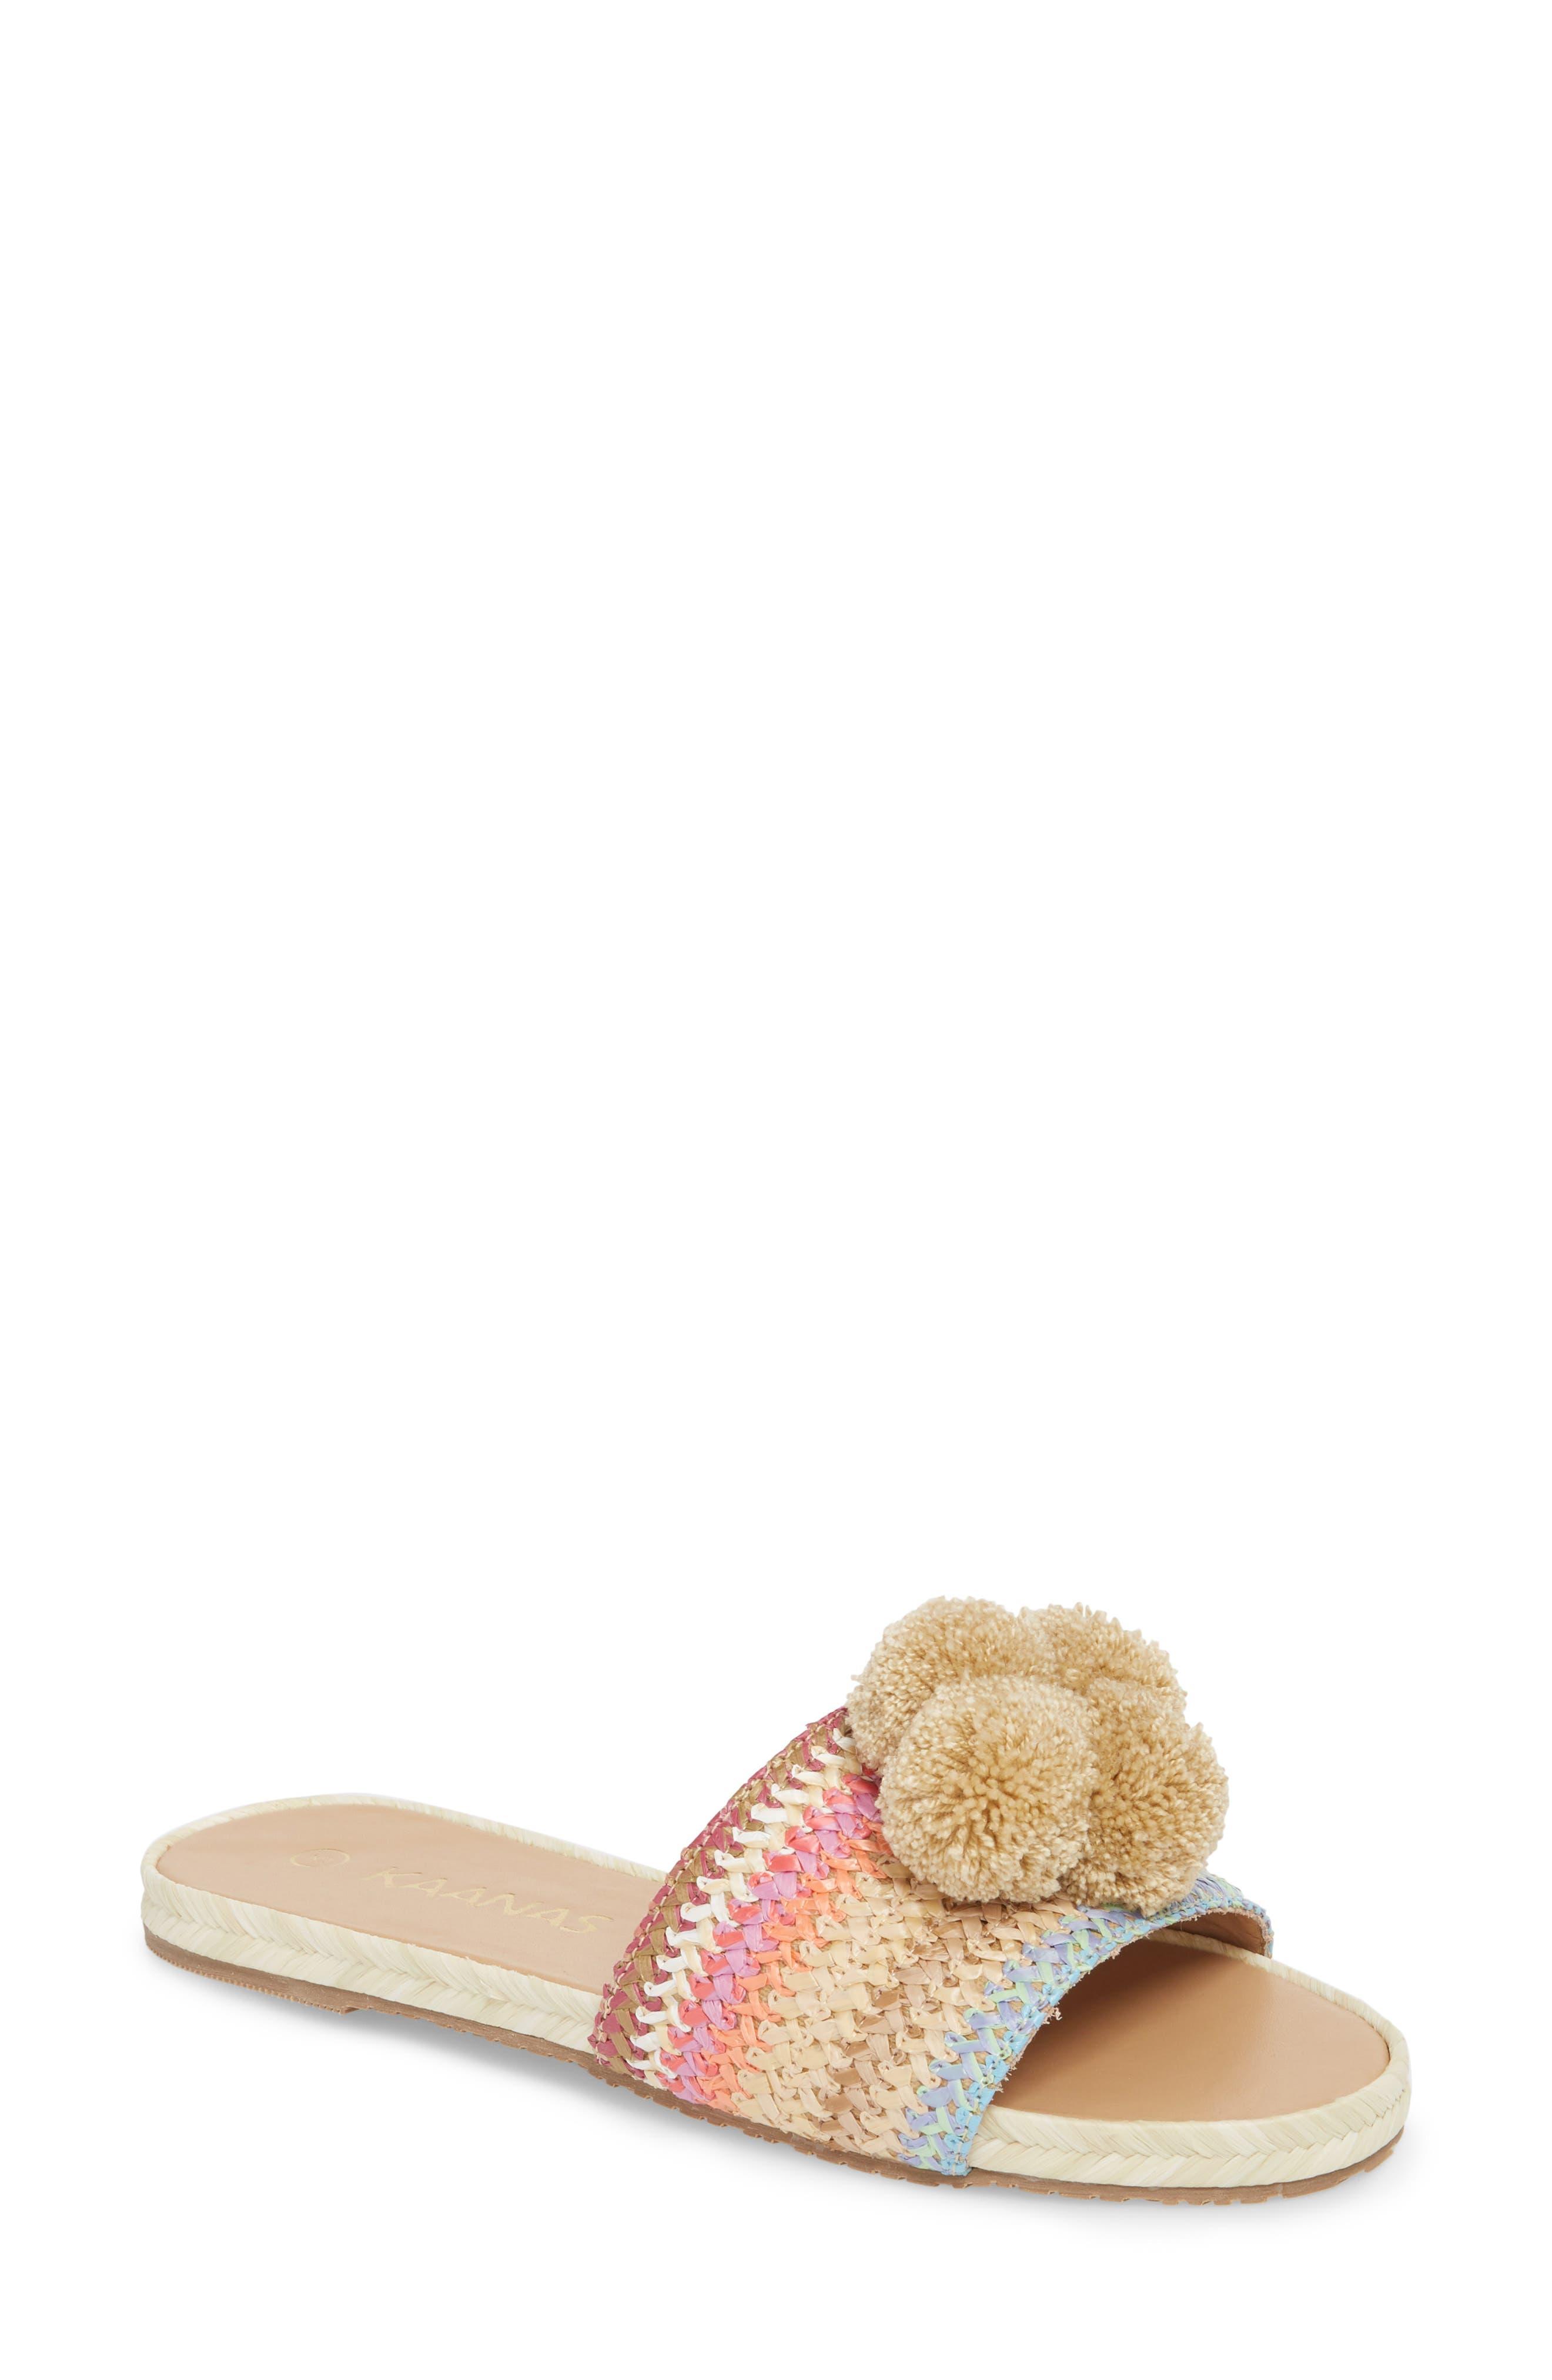 Santa Helena Pom Slide Sandal,                         Main,                         color, Bright Multi